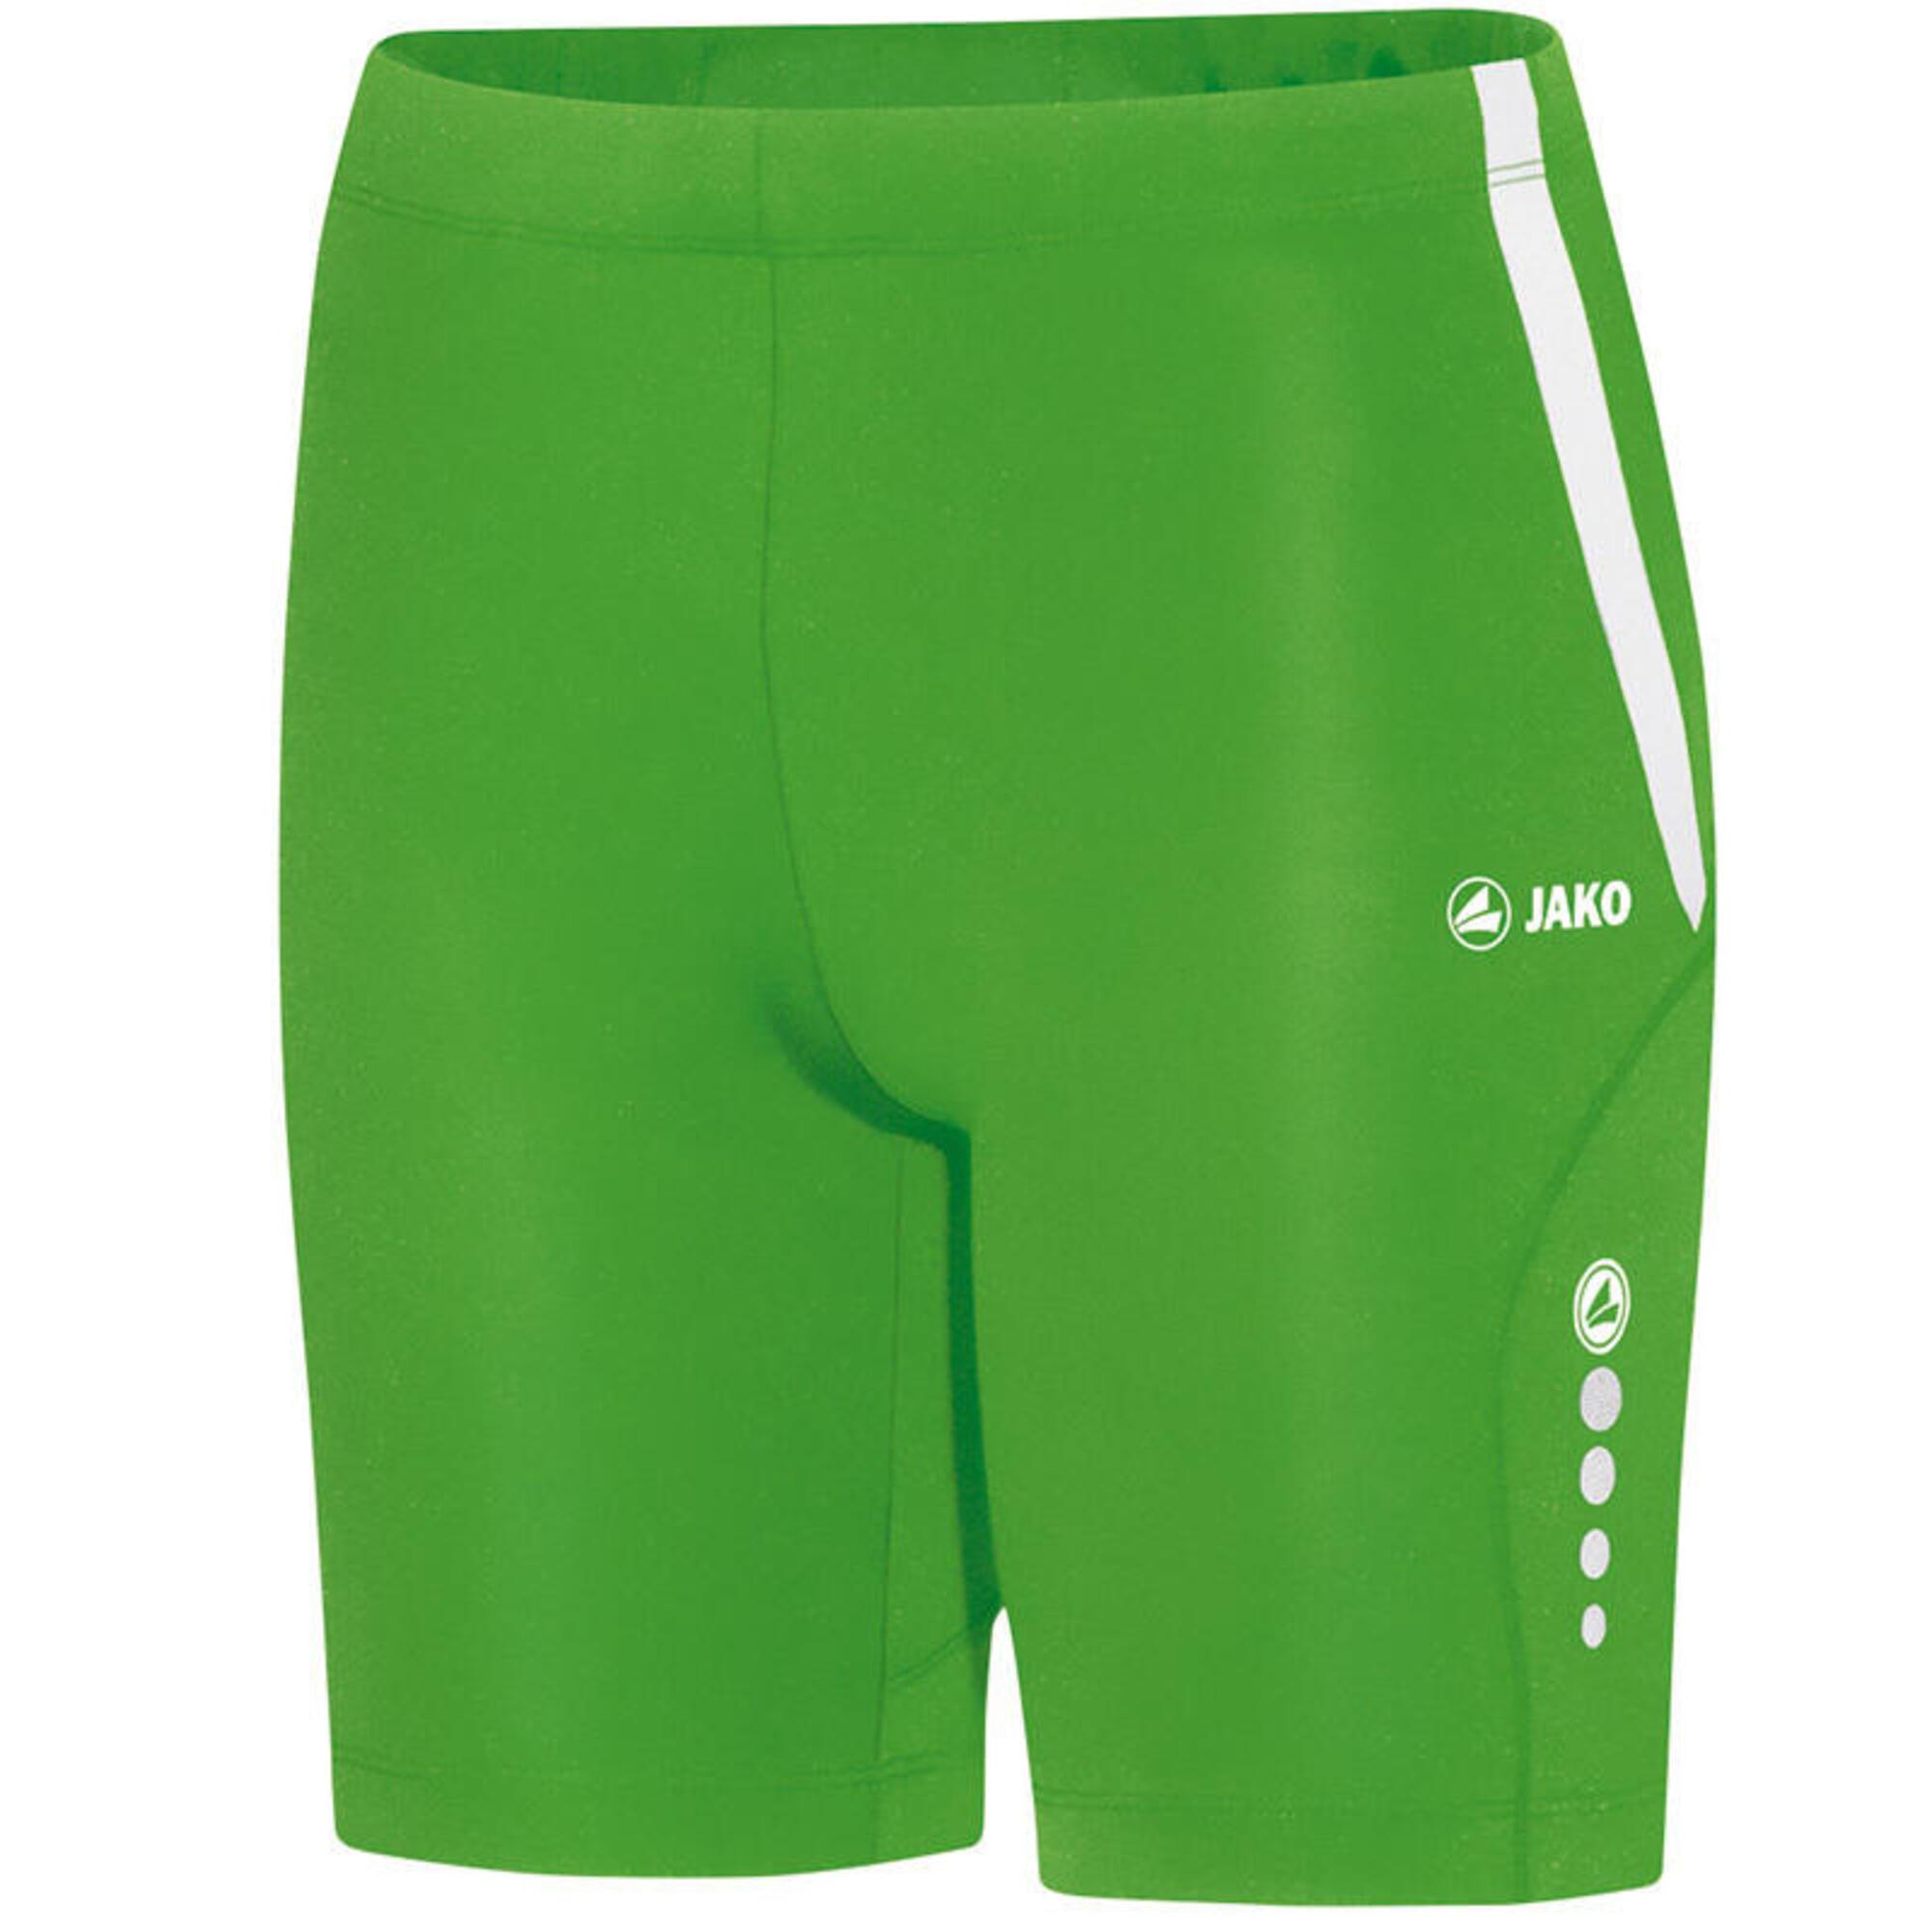 Jako Athletico korte broek voor vrouwen